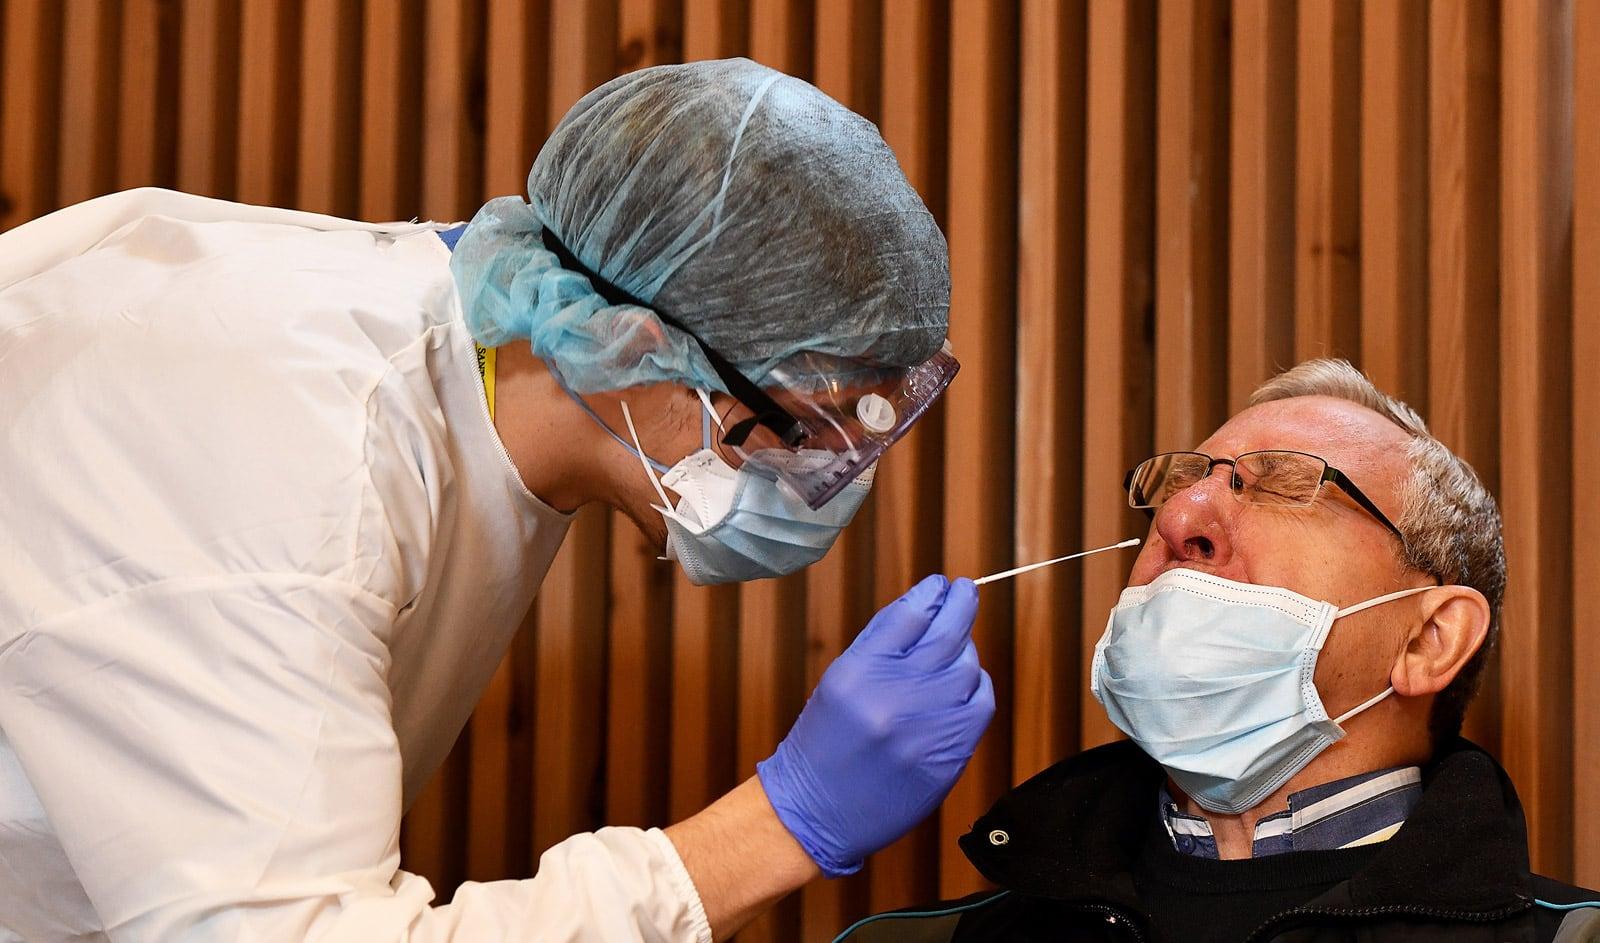 Cribratges massius a l'Hospital de Sant Pau, al desembre. Fotografia de Xavier Jubierre.